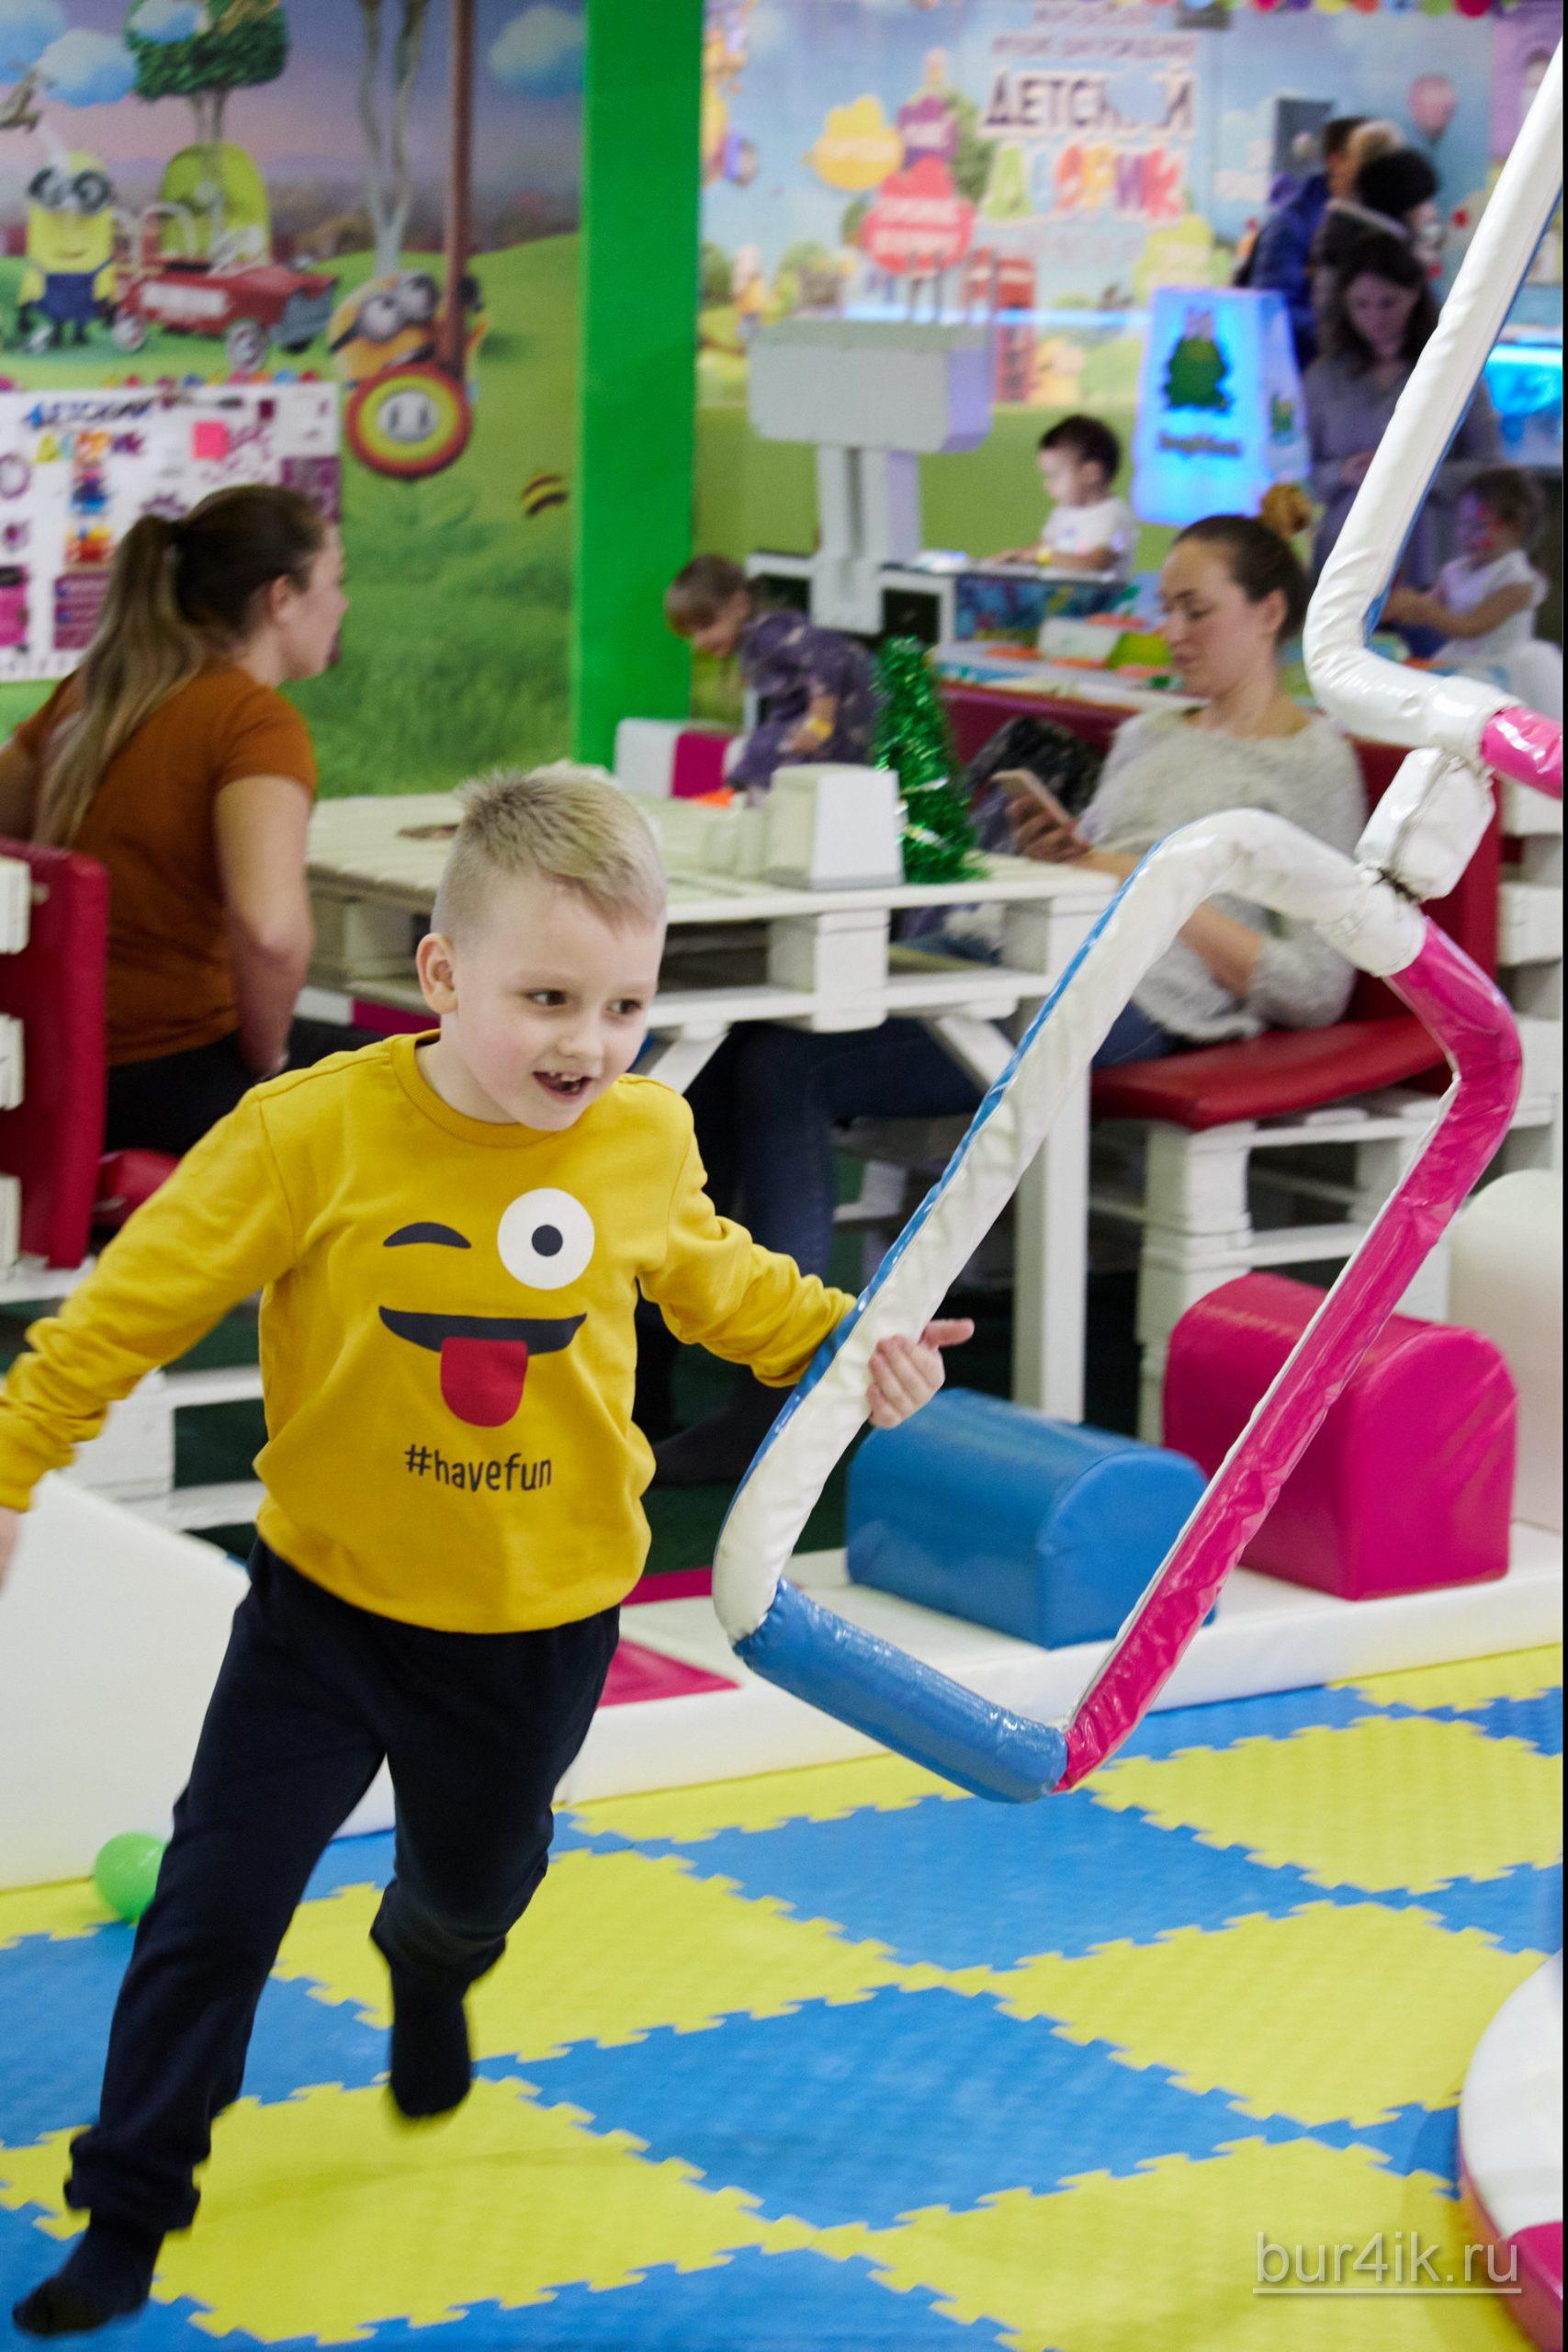 Фото Детское День Рождения в Детский Дворик 15.01.2020 №269 -photo- bur4ik.ru